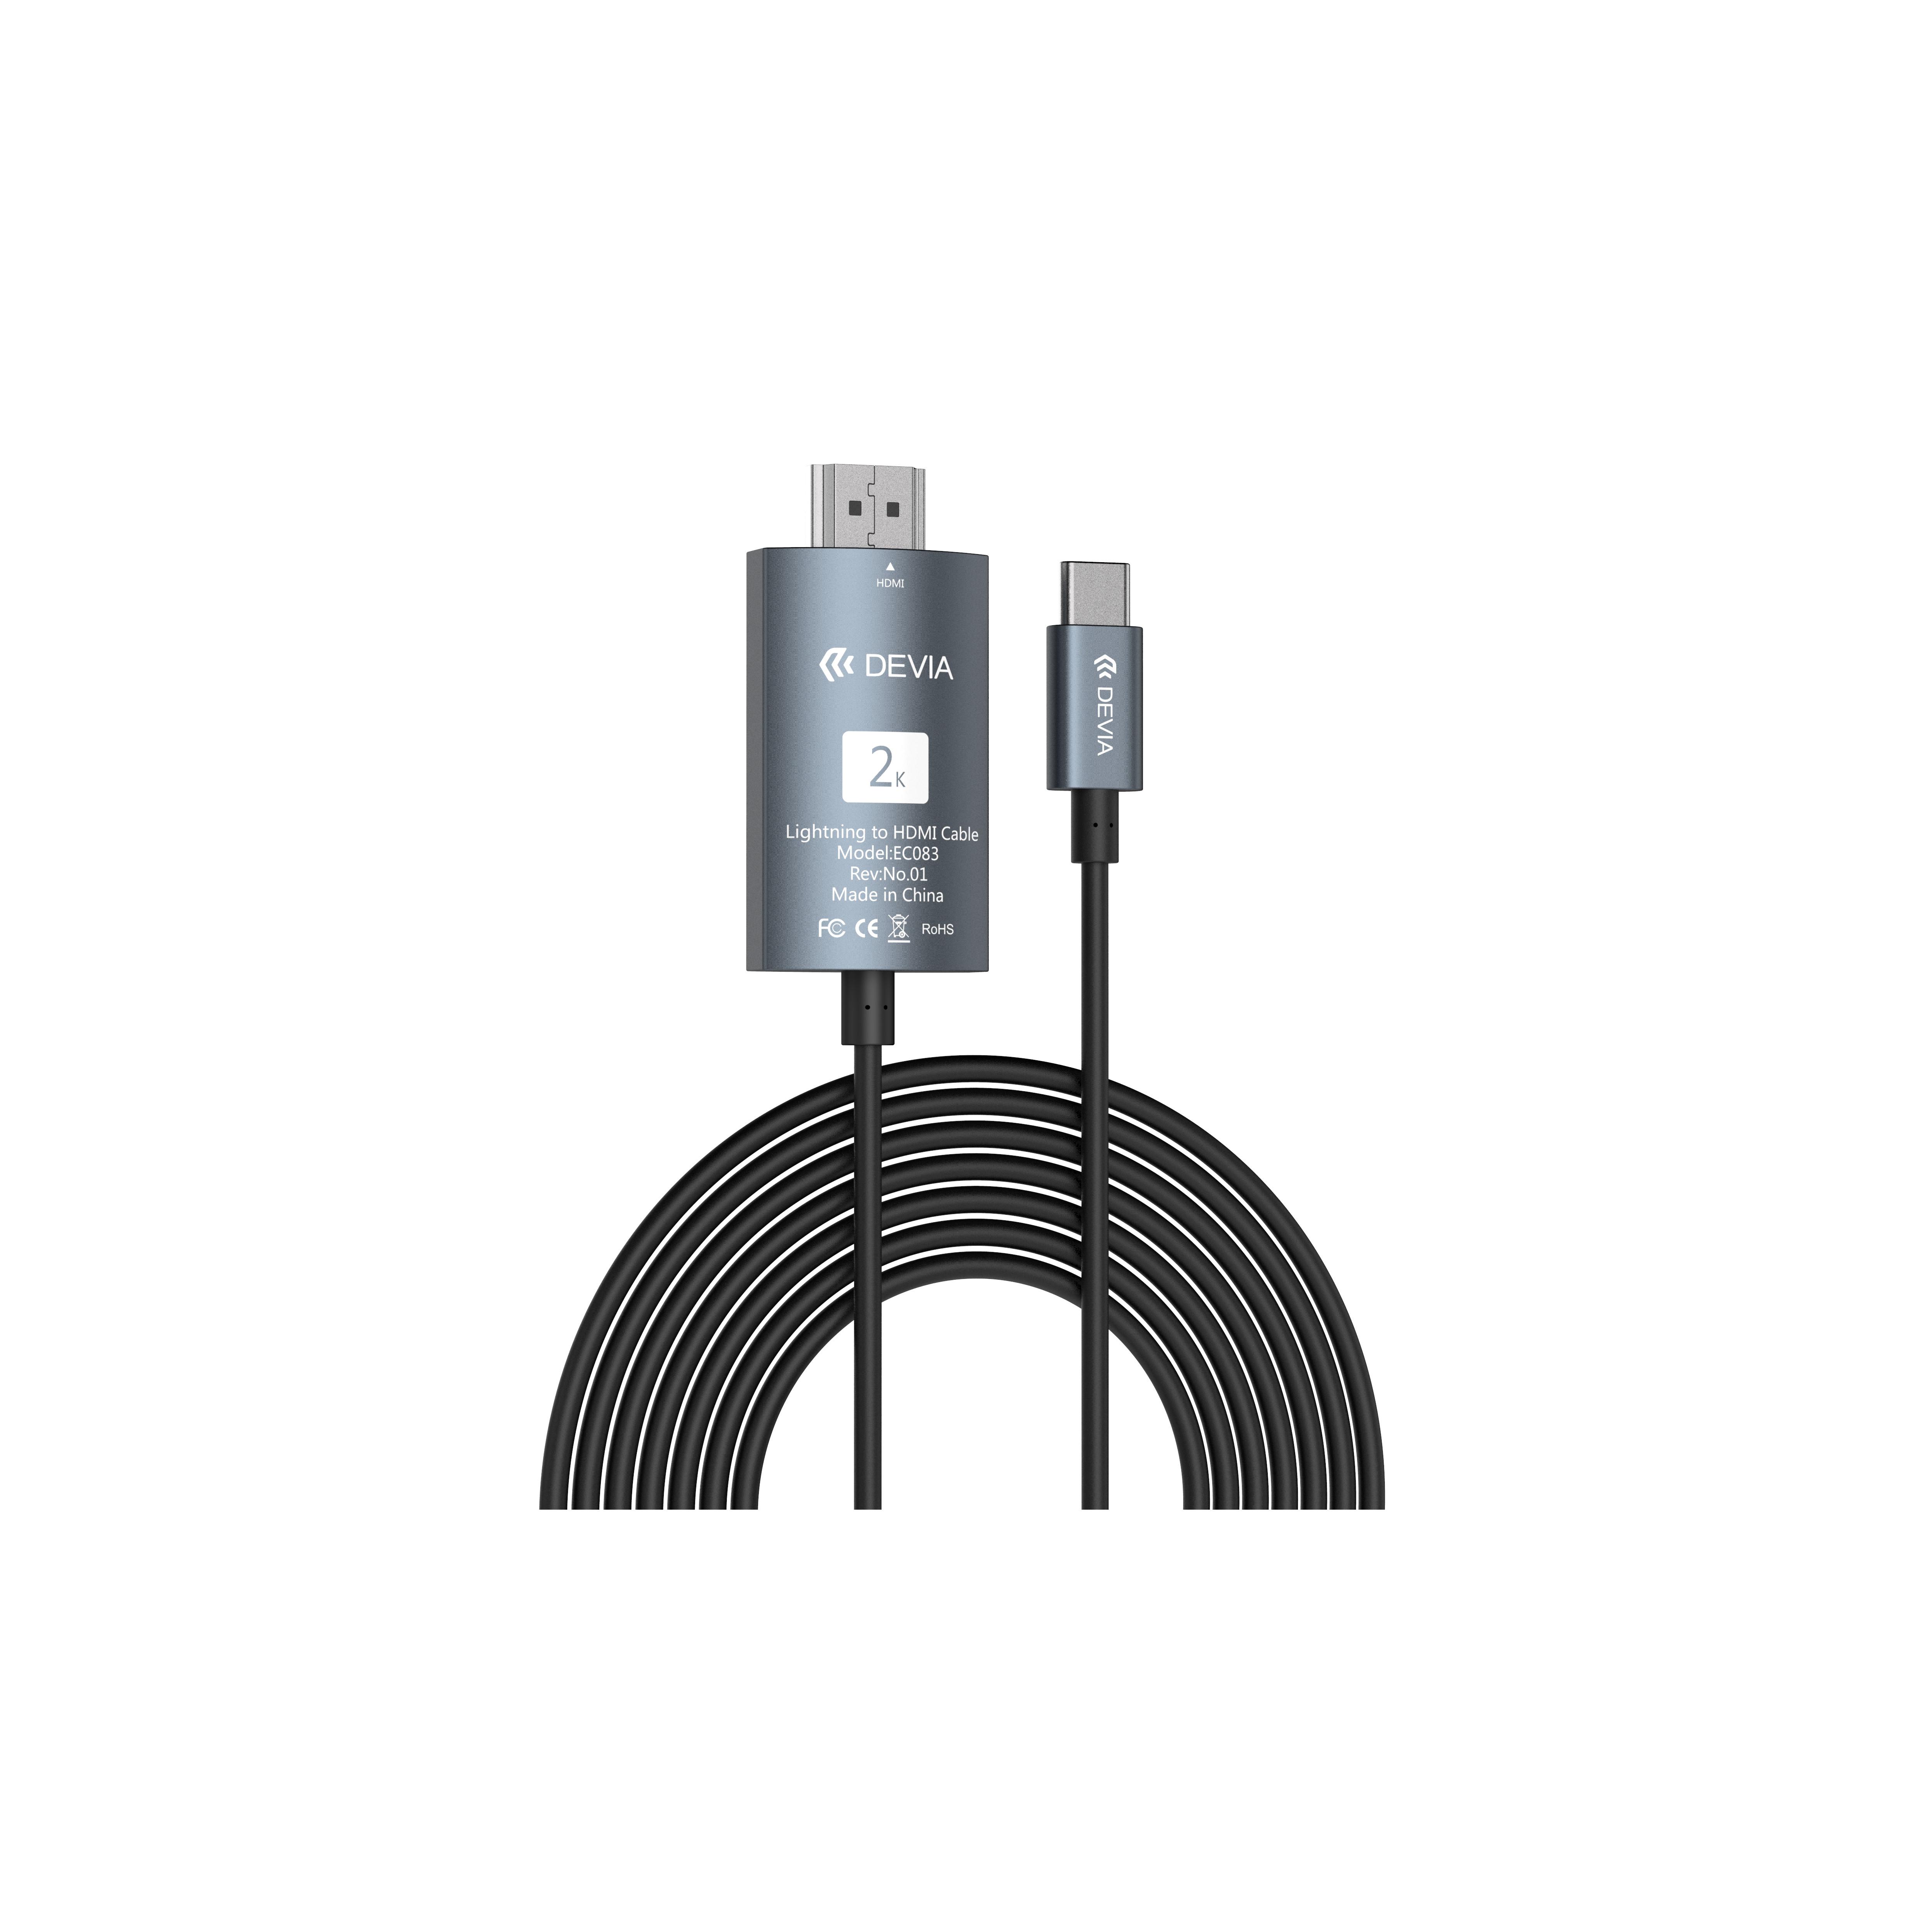 Cáp chuyển đổi Devia Storm HDMI to TypeC - Hàng chính hãng